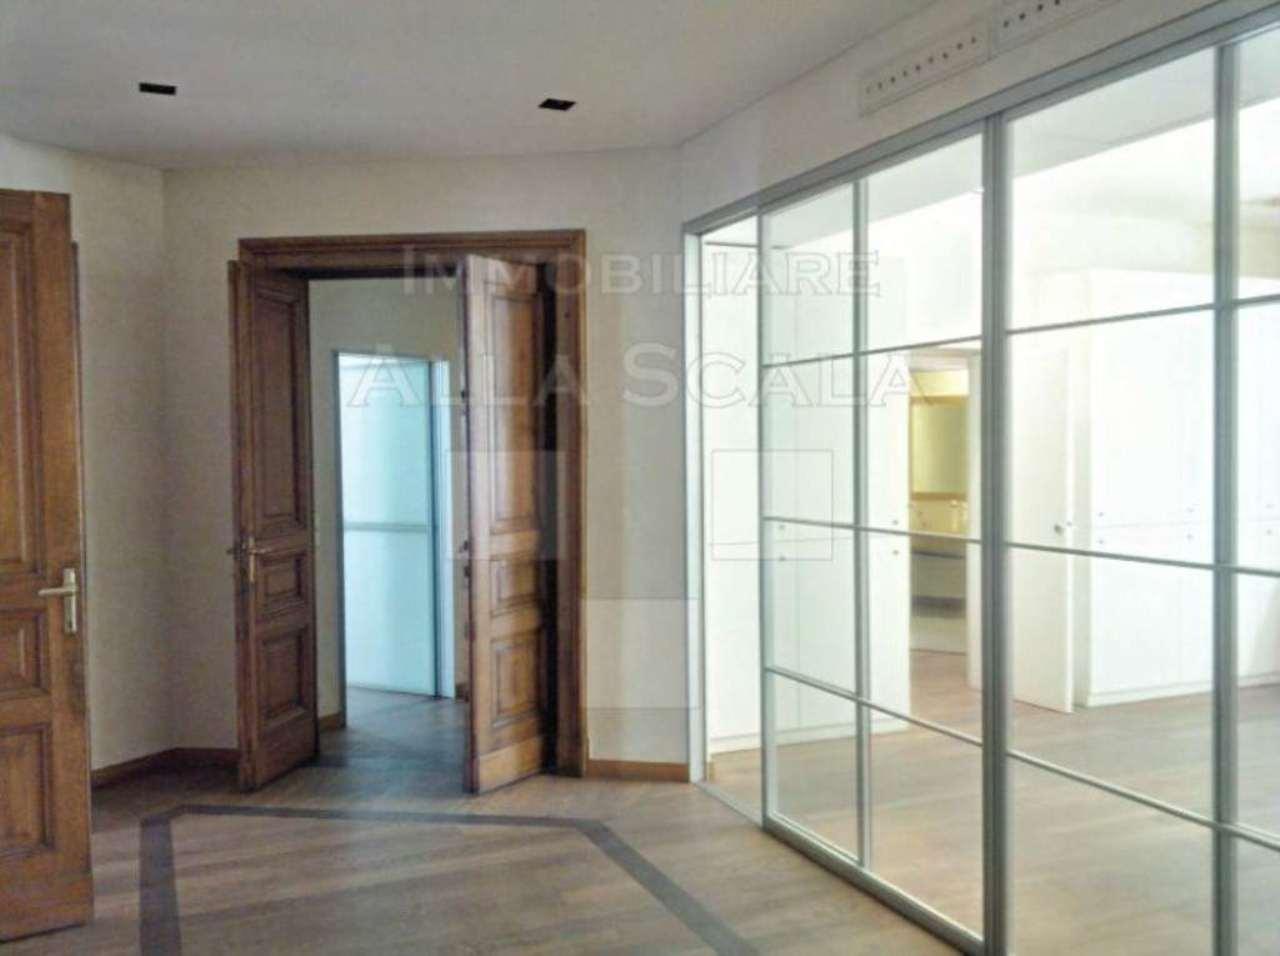 Ufficio-studio in Affitto a Milano 01 Centro storico (Cerchia dei Navigli): 5 locali, 240 mq